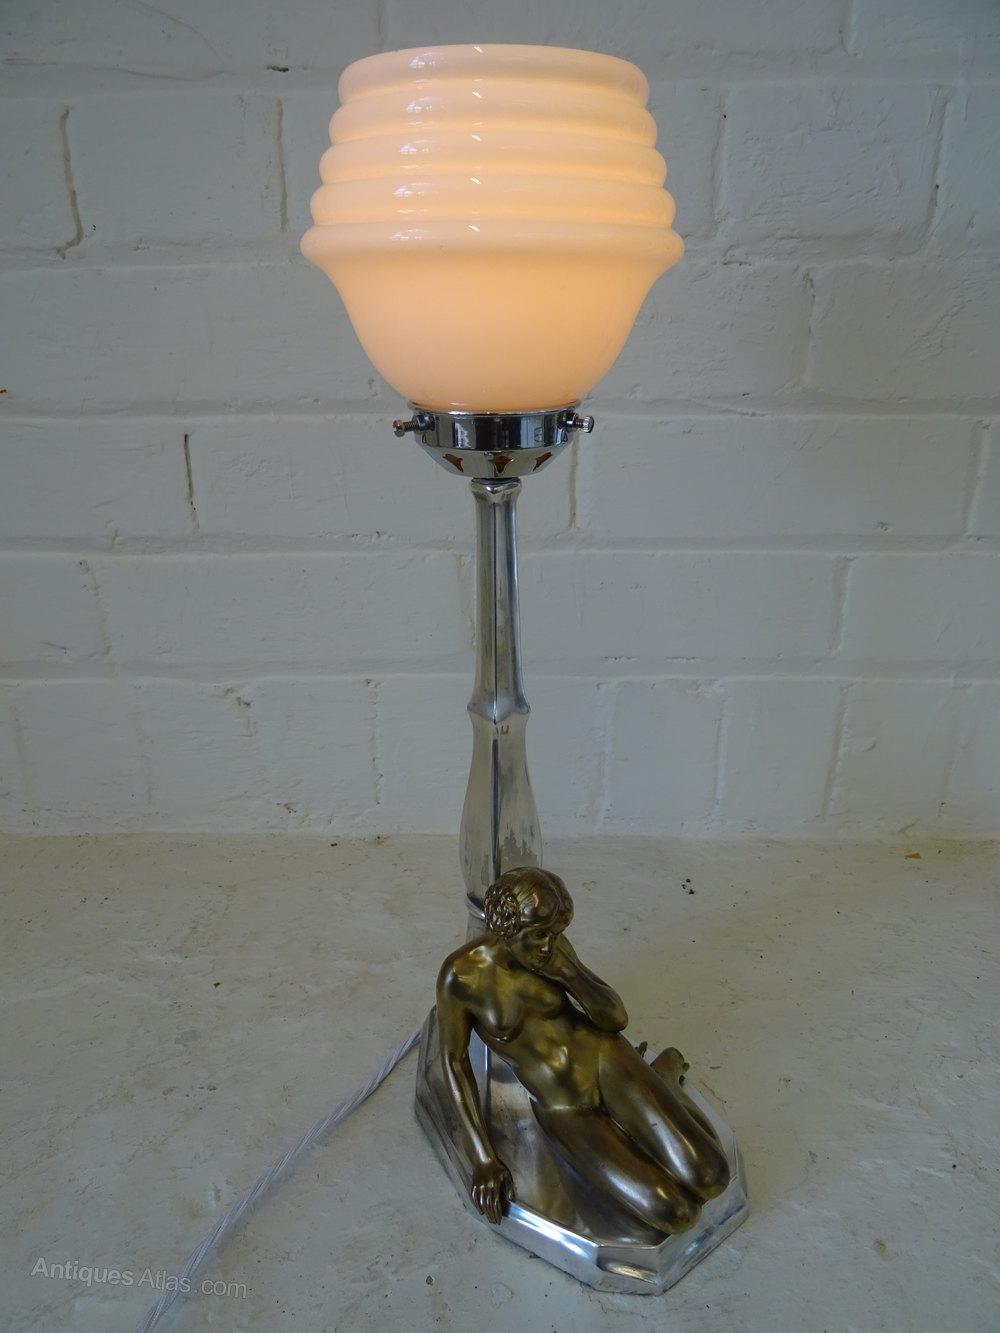 Antiques Atlas - Art Deco Nude Figurine Table Lamp.